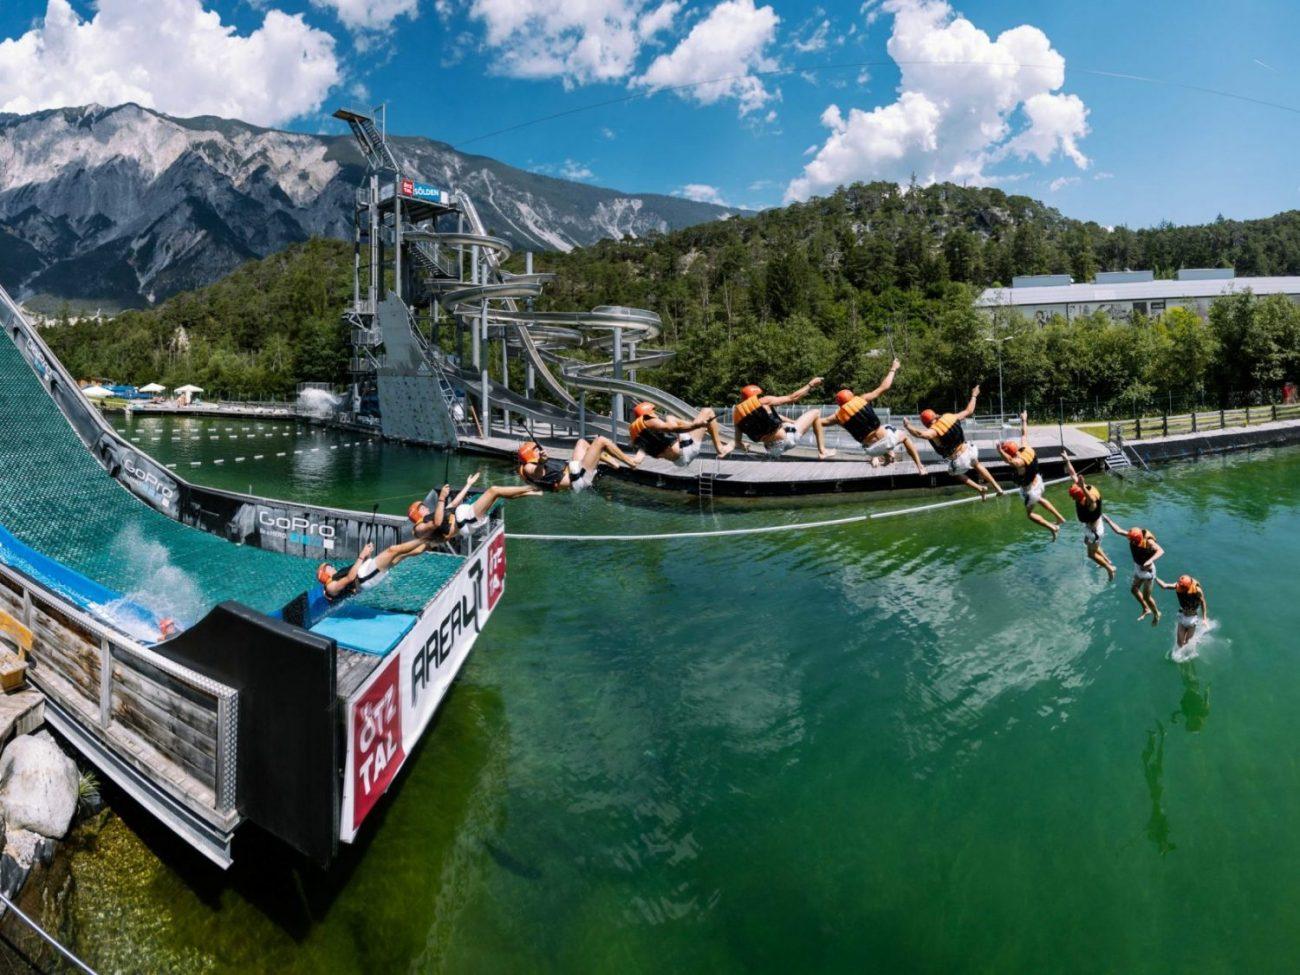 Actionreicher Outdoor-Wasserpark im Ötztal in Tirol